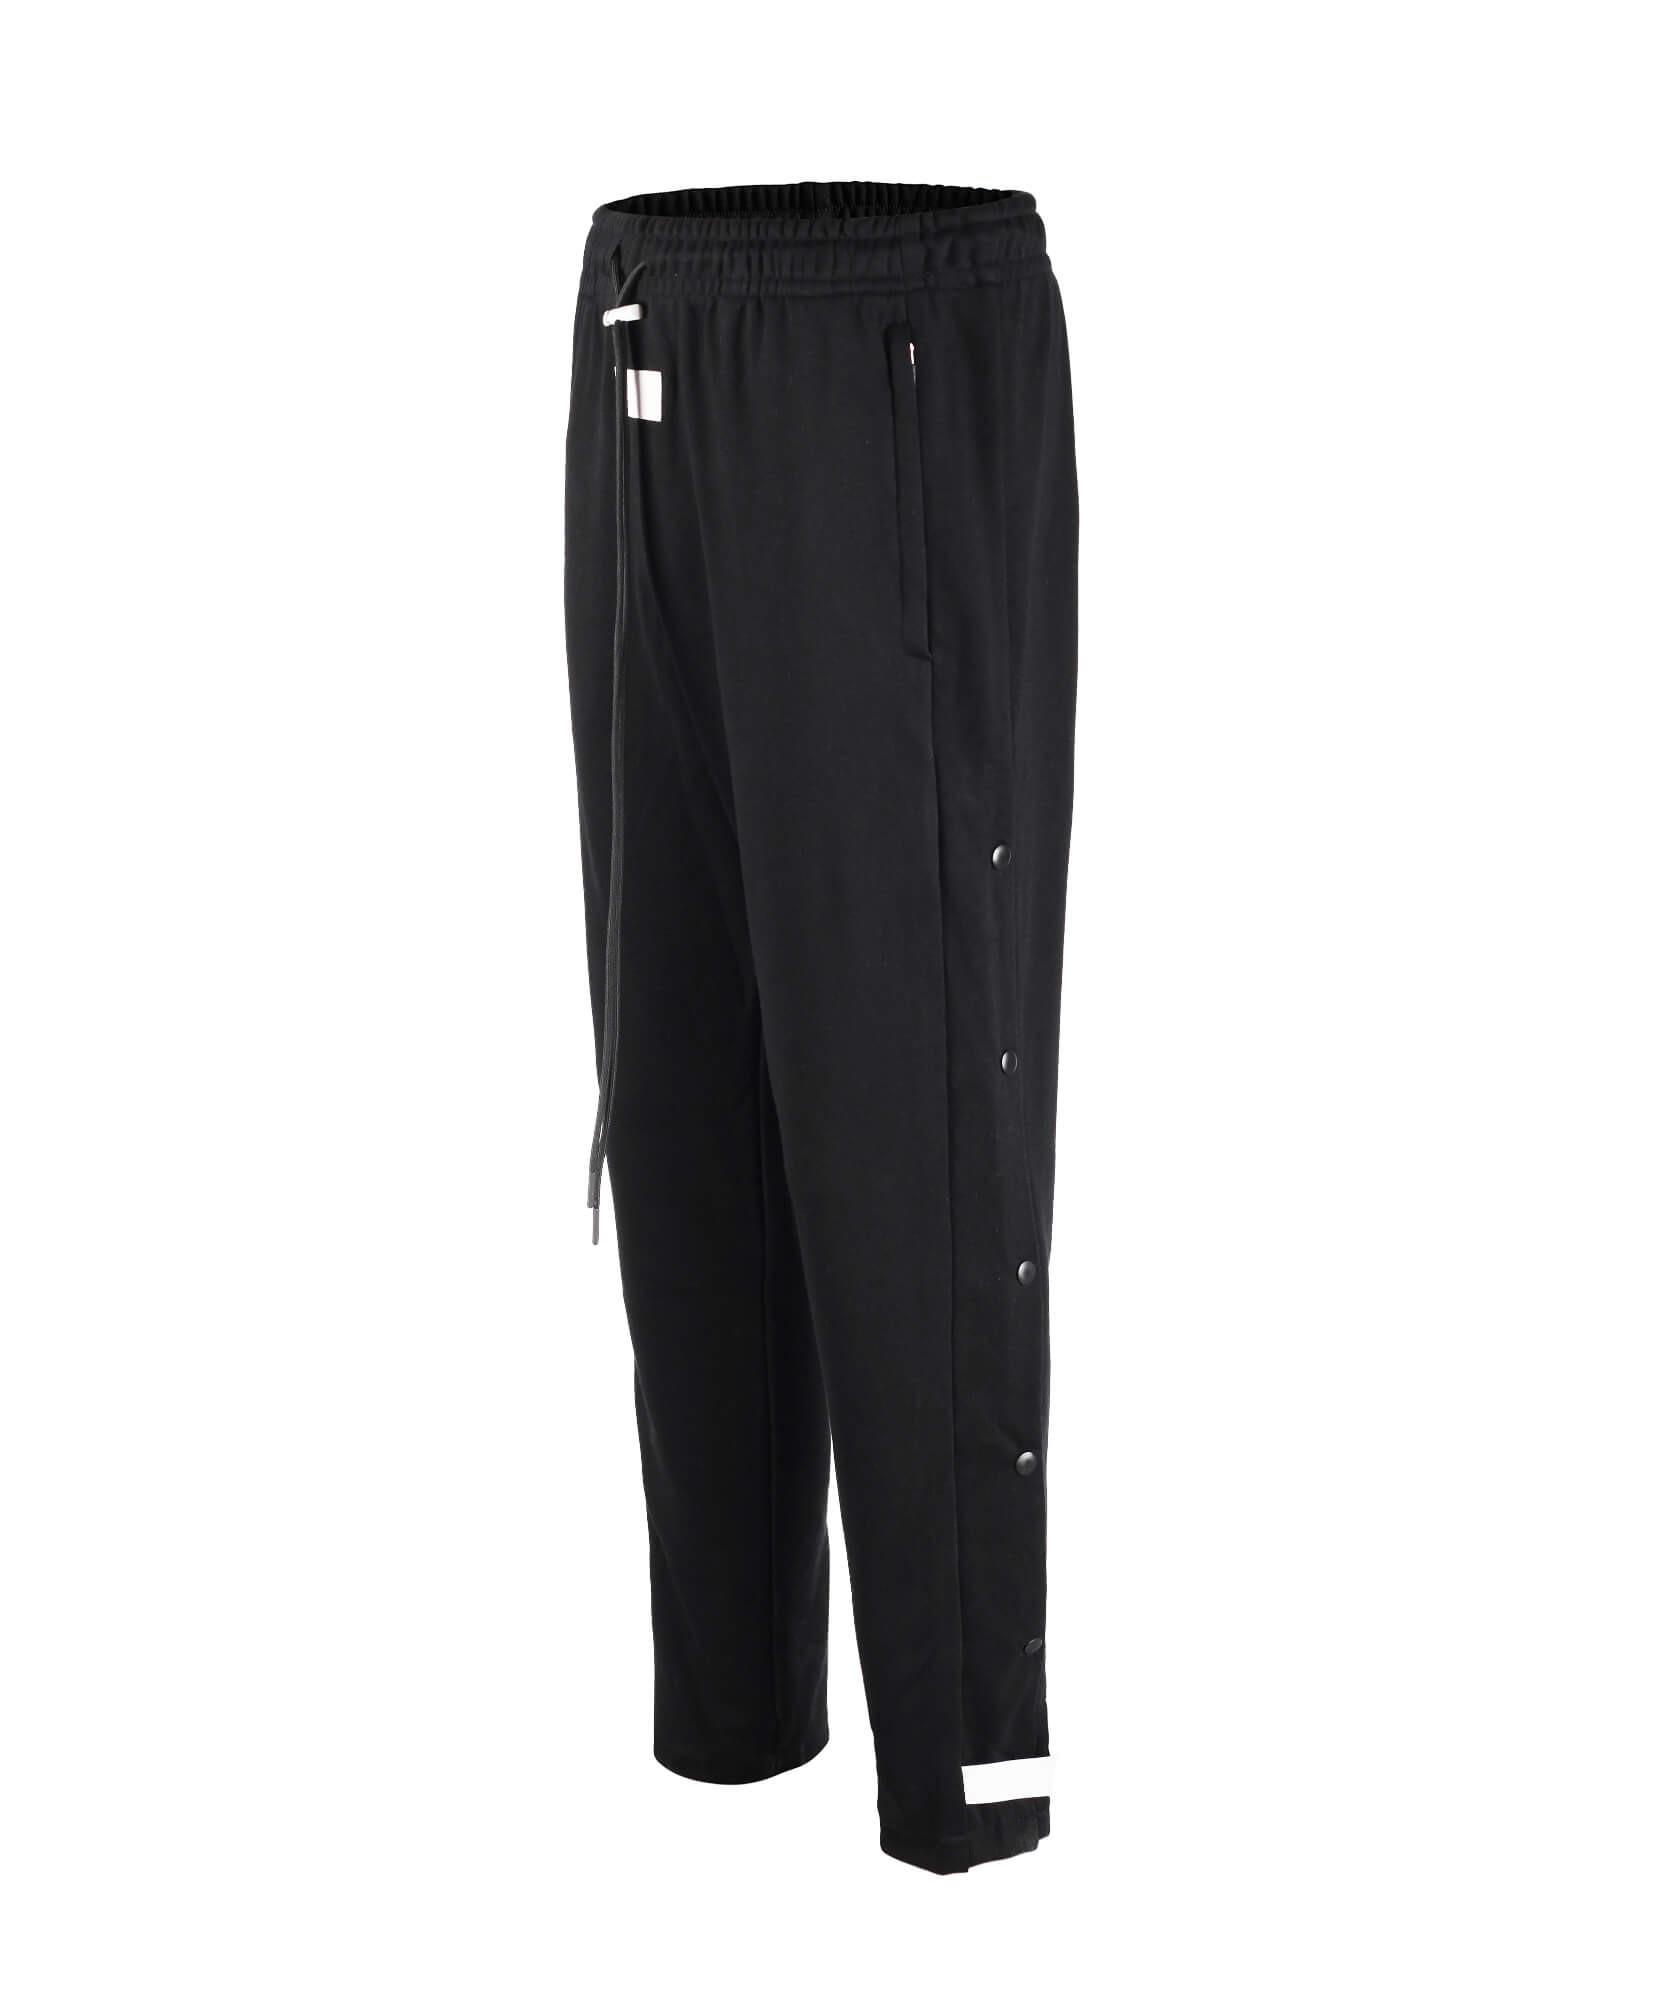 Sports Pants - Black